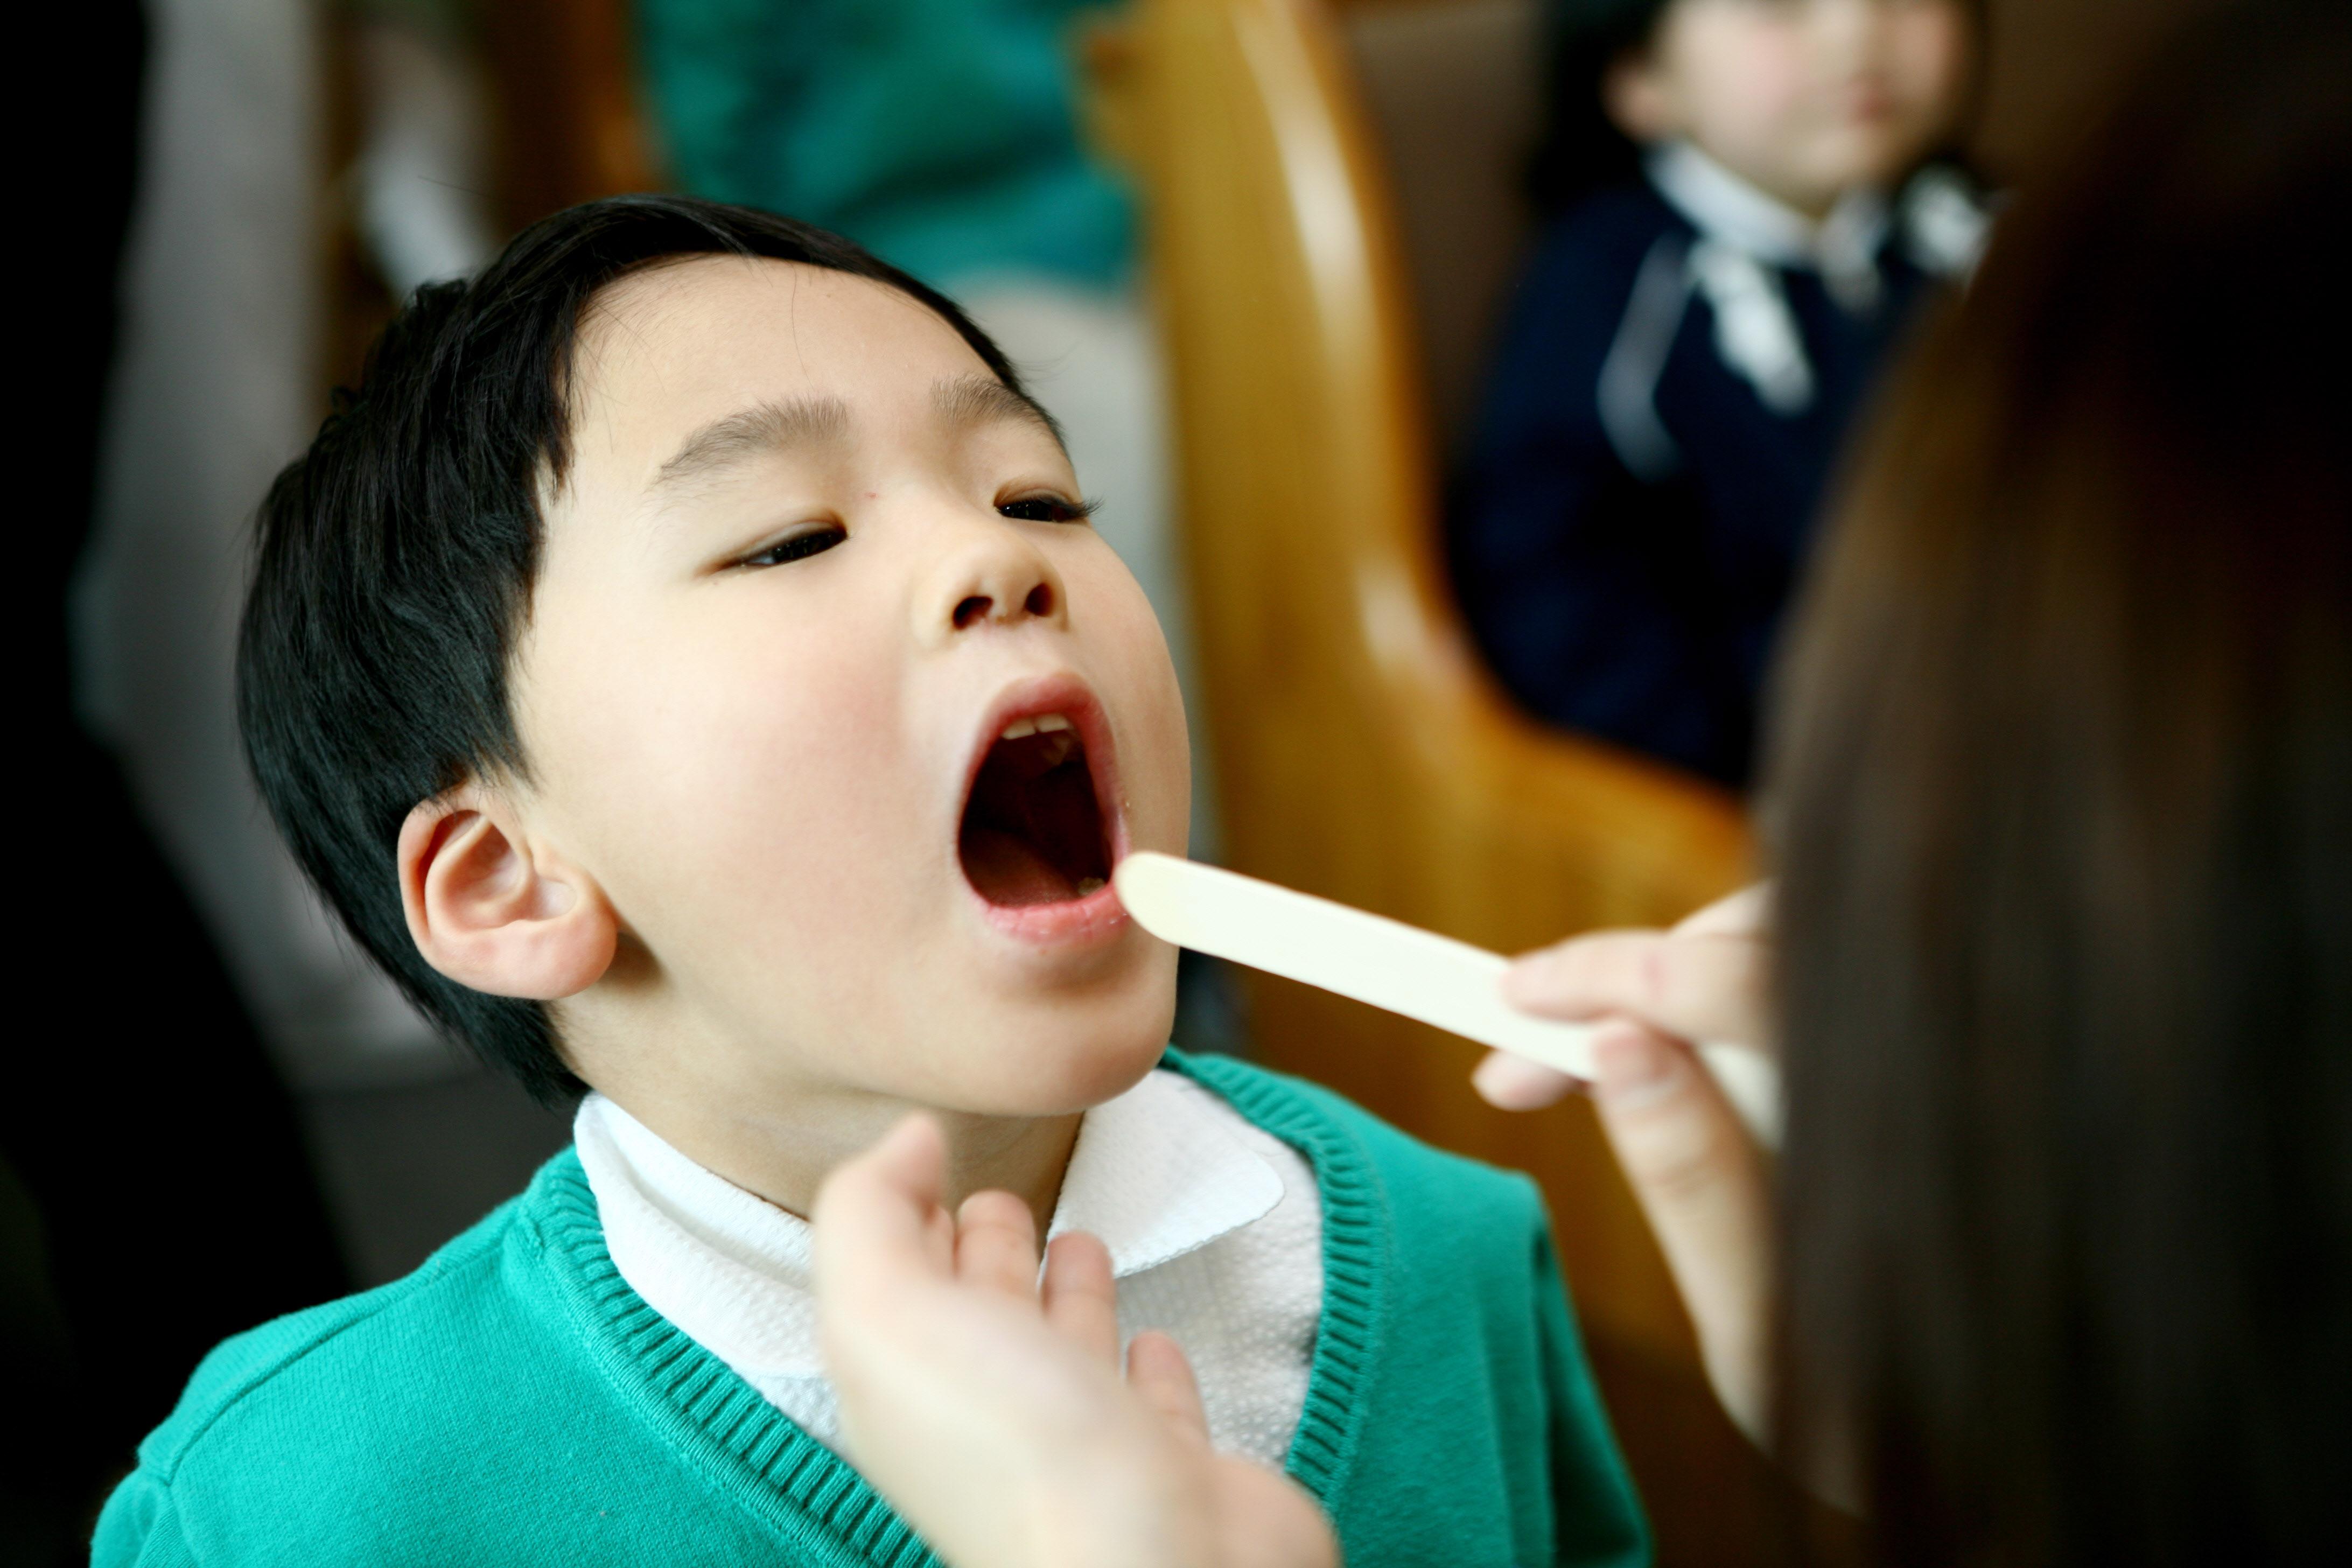 아이가 갑자기 음식 먹기 거부한다면? '이것' 의심해야